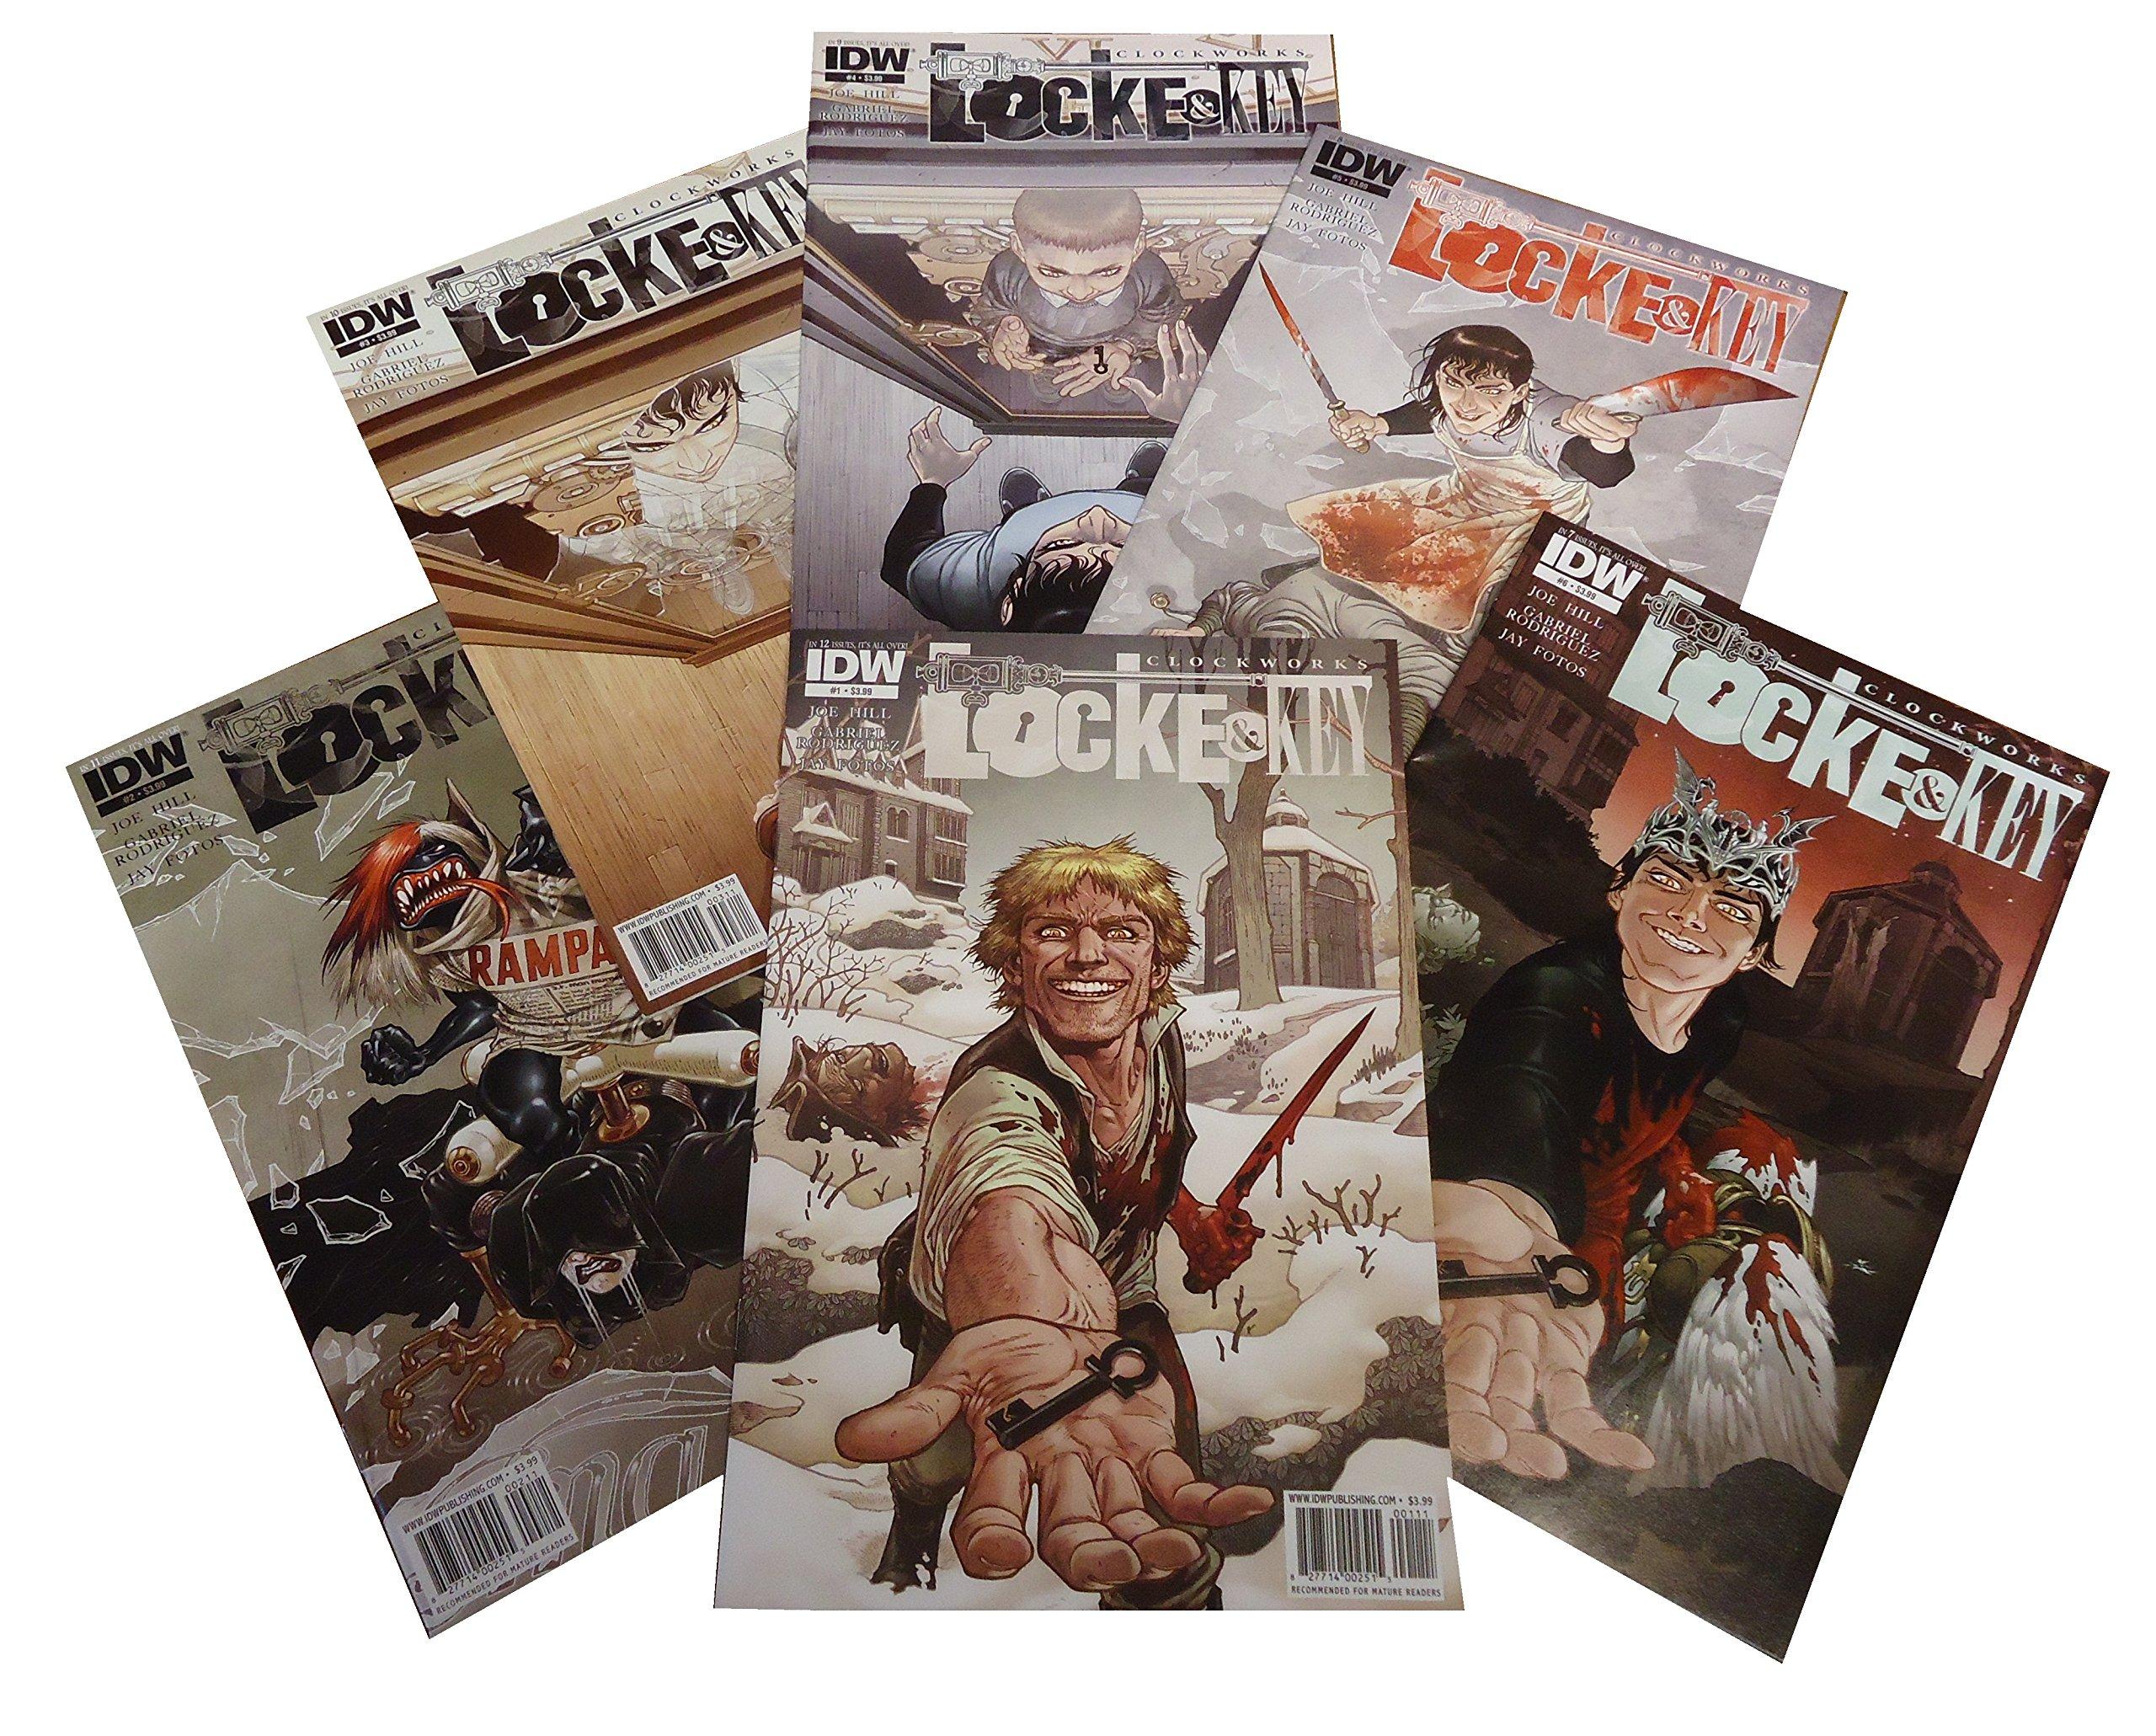 LOCKE /& KEY keys to the kingdom 1 1st print IDW COMIC JOE HILL GABRIEL RODRIGUEZ